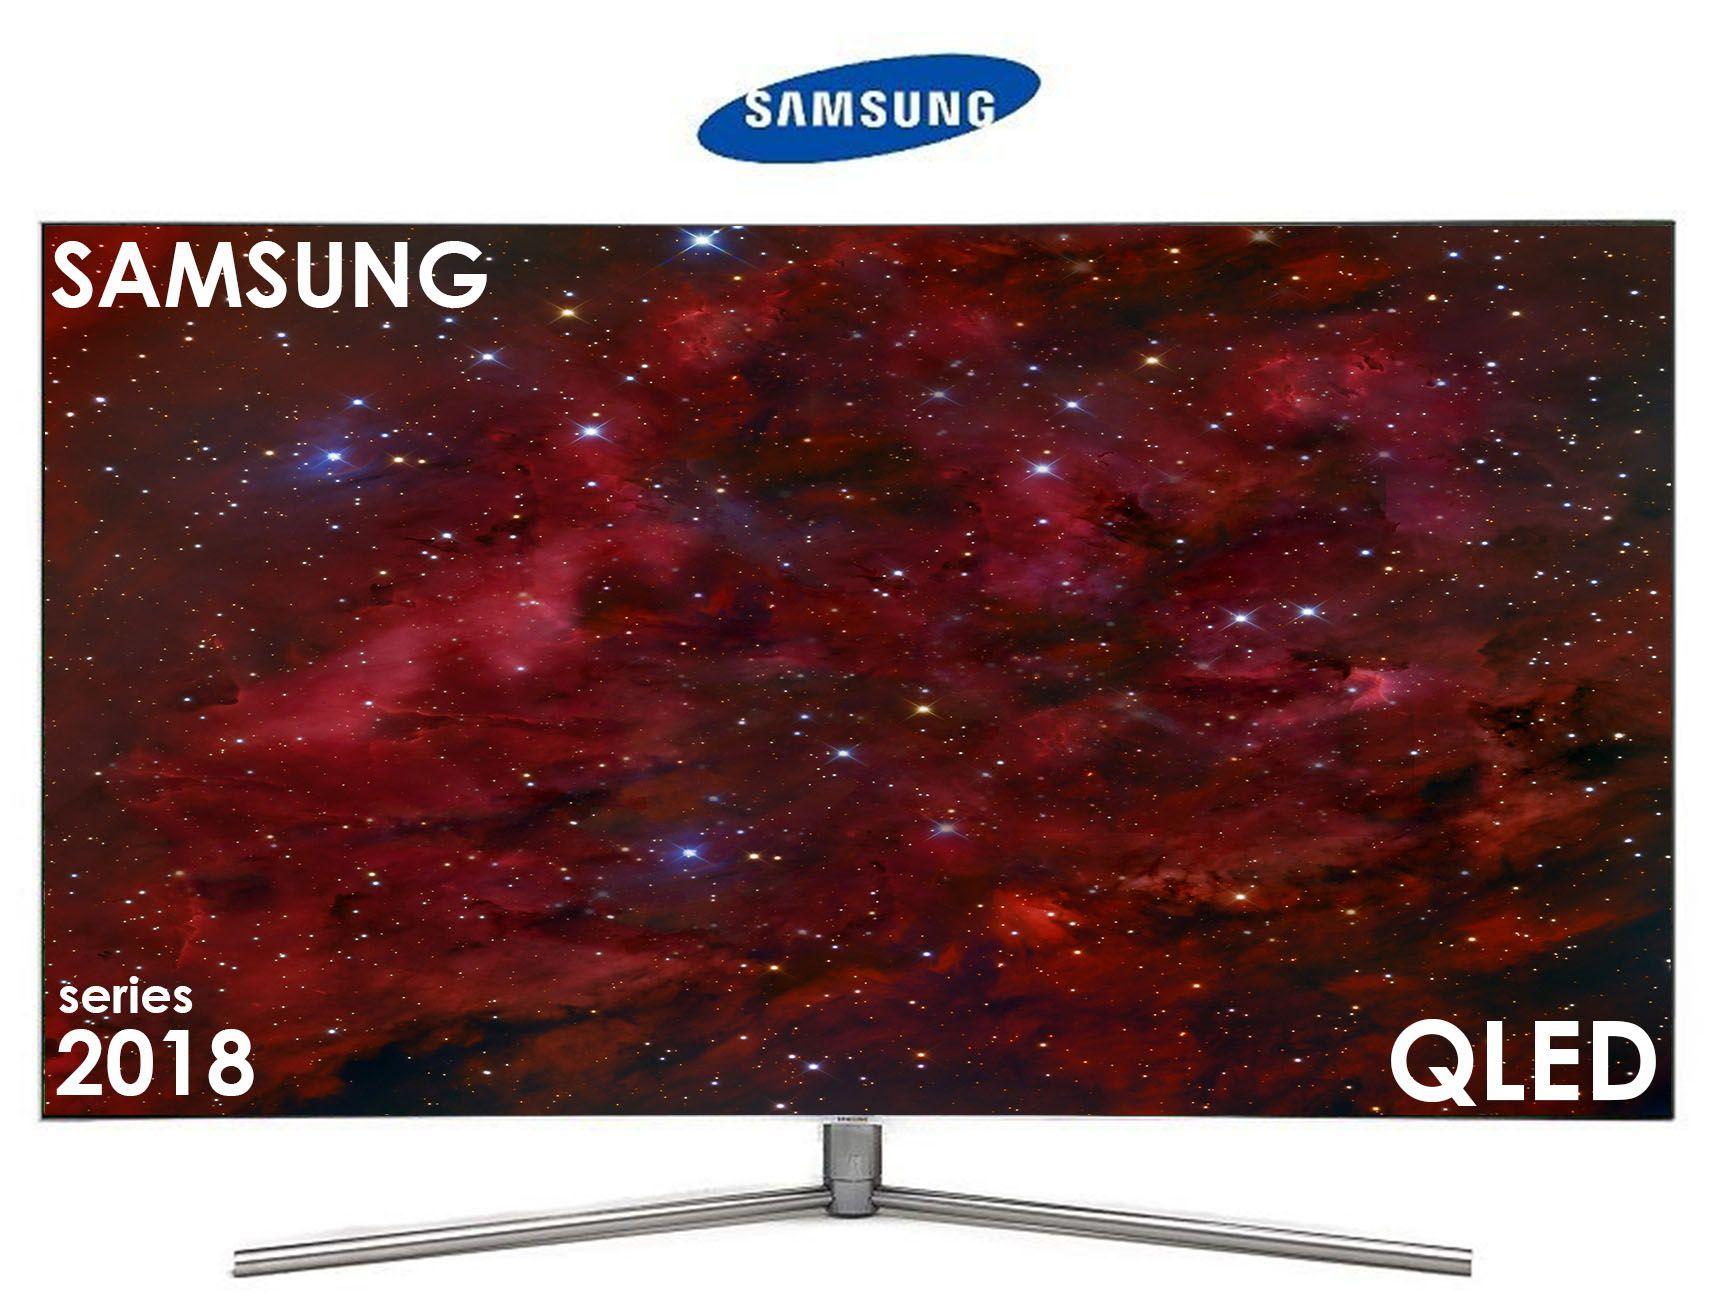 Samsung 65Q8FN Model 2018 QLED UHD TV EEKA 12007 3